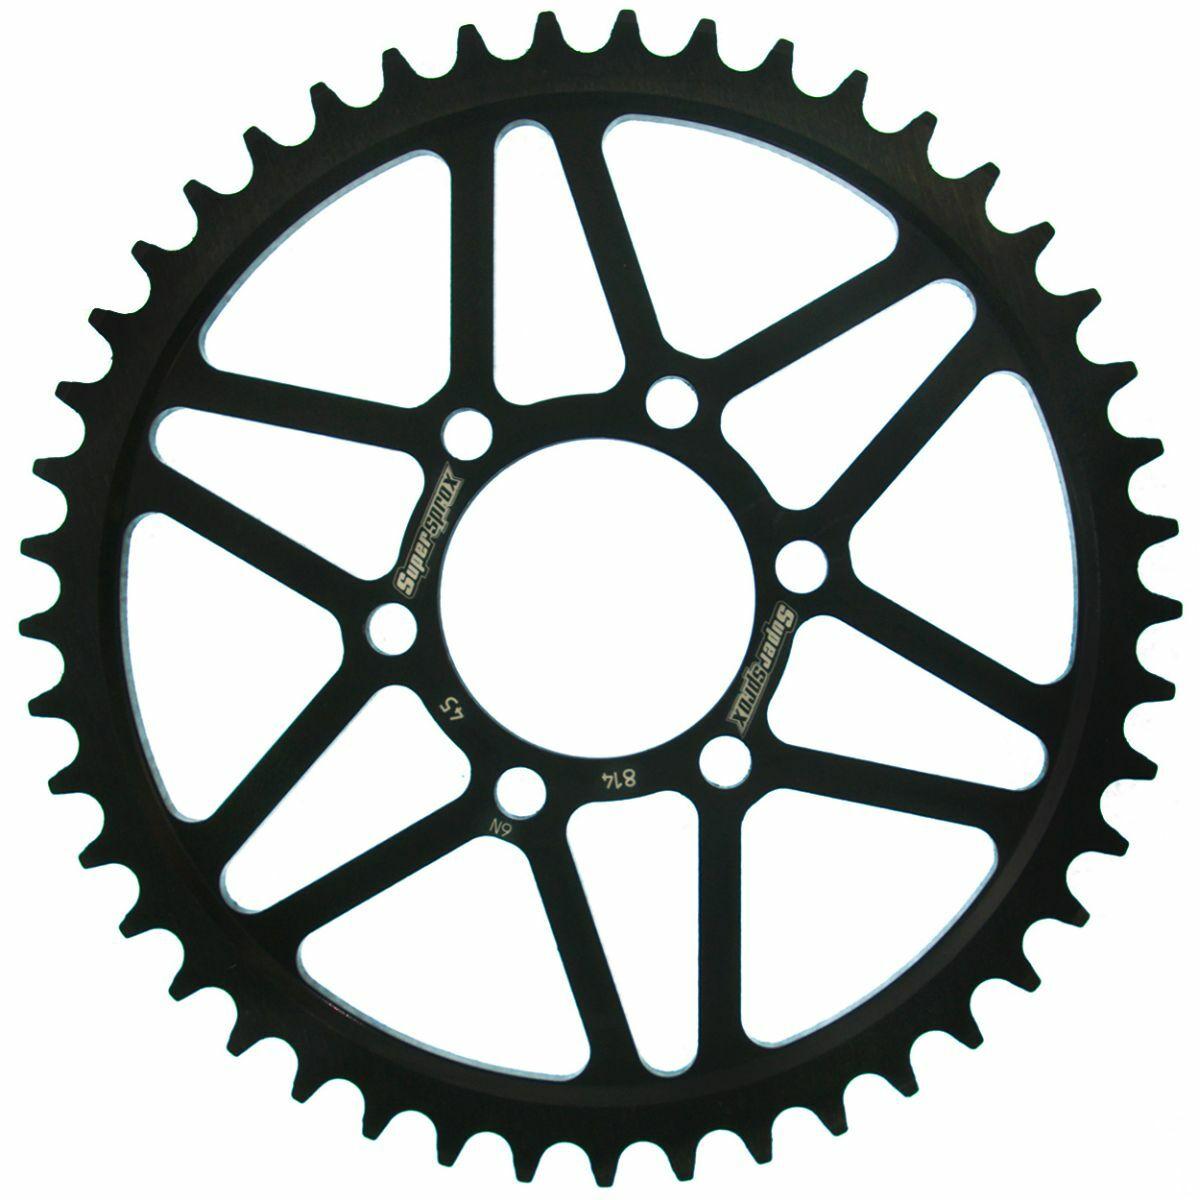 Obrázek produktu Řetězová rozeta SUPERSPROX černý 45 zubů, 530